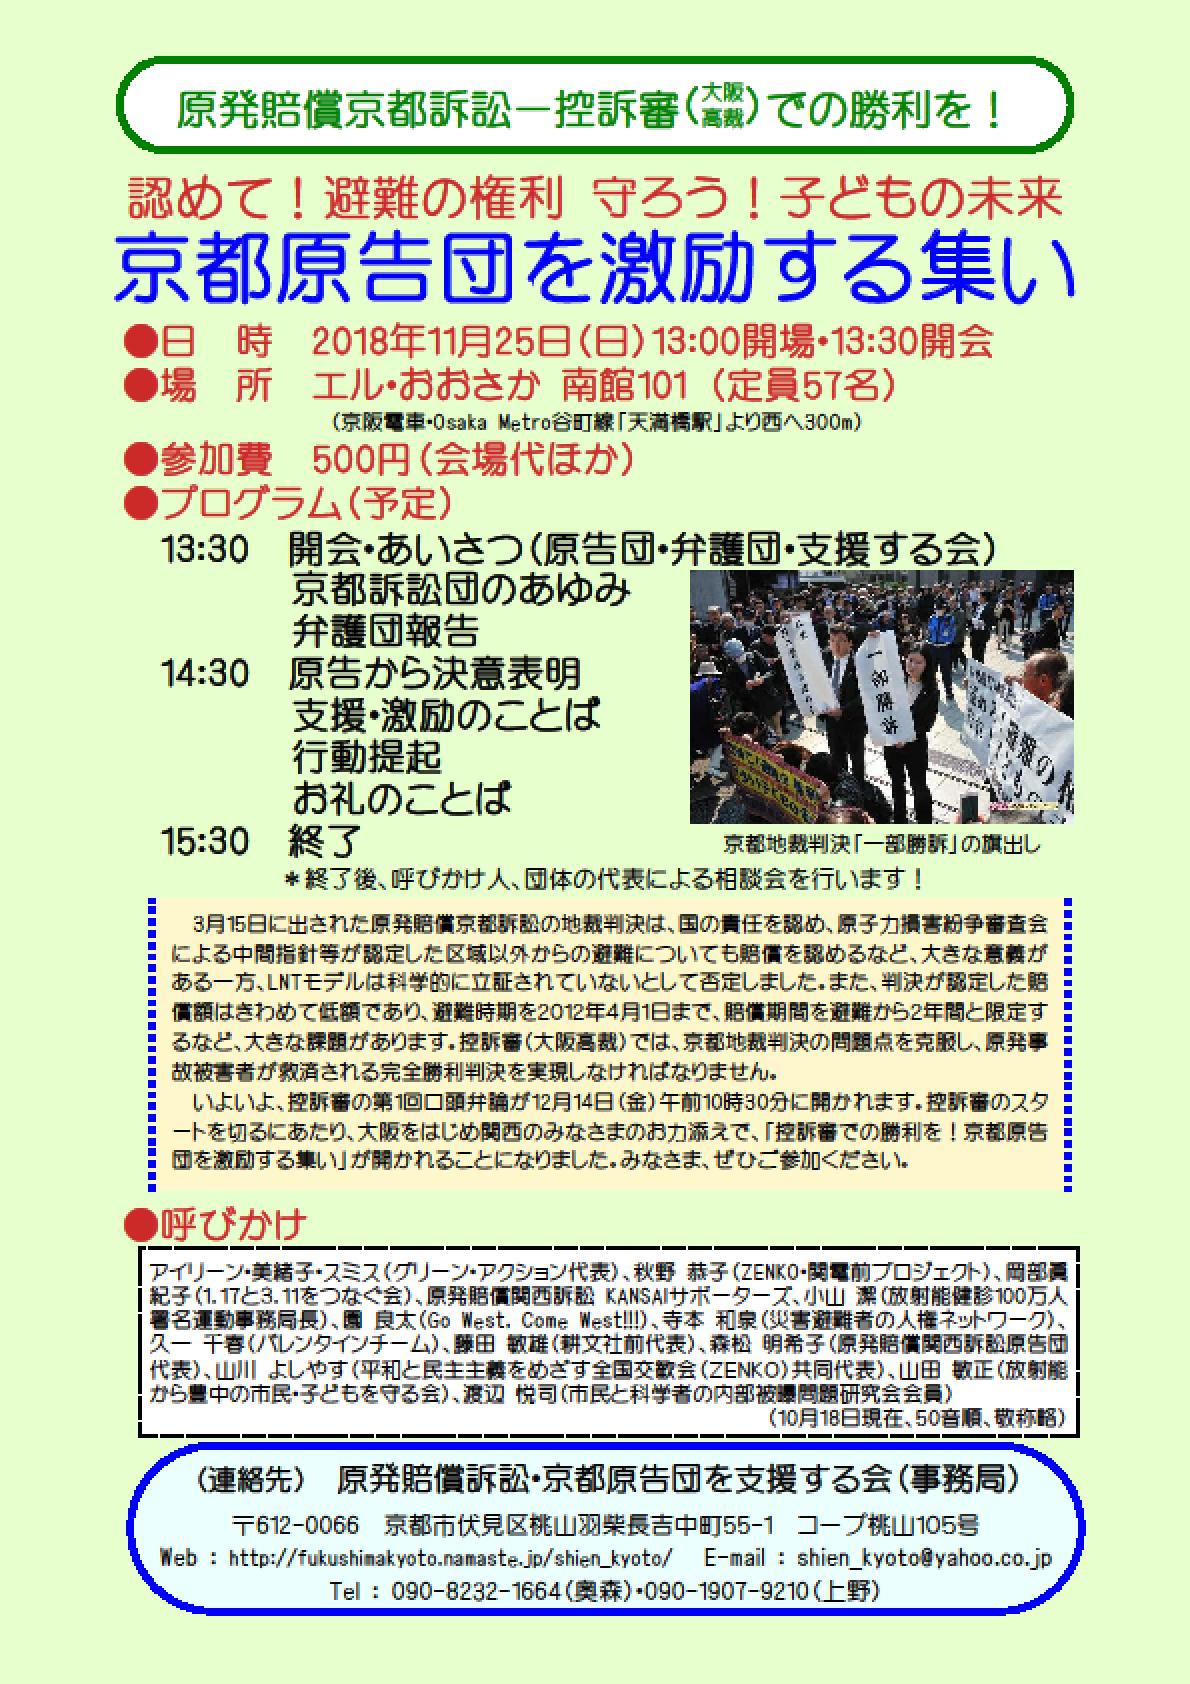 【ご案内】原発賠償京都訴訟団の11月の取り組みにご参加ください!_e0391248_00285715.png